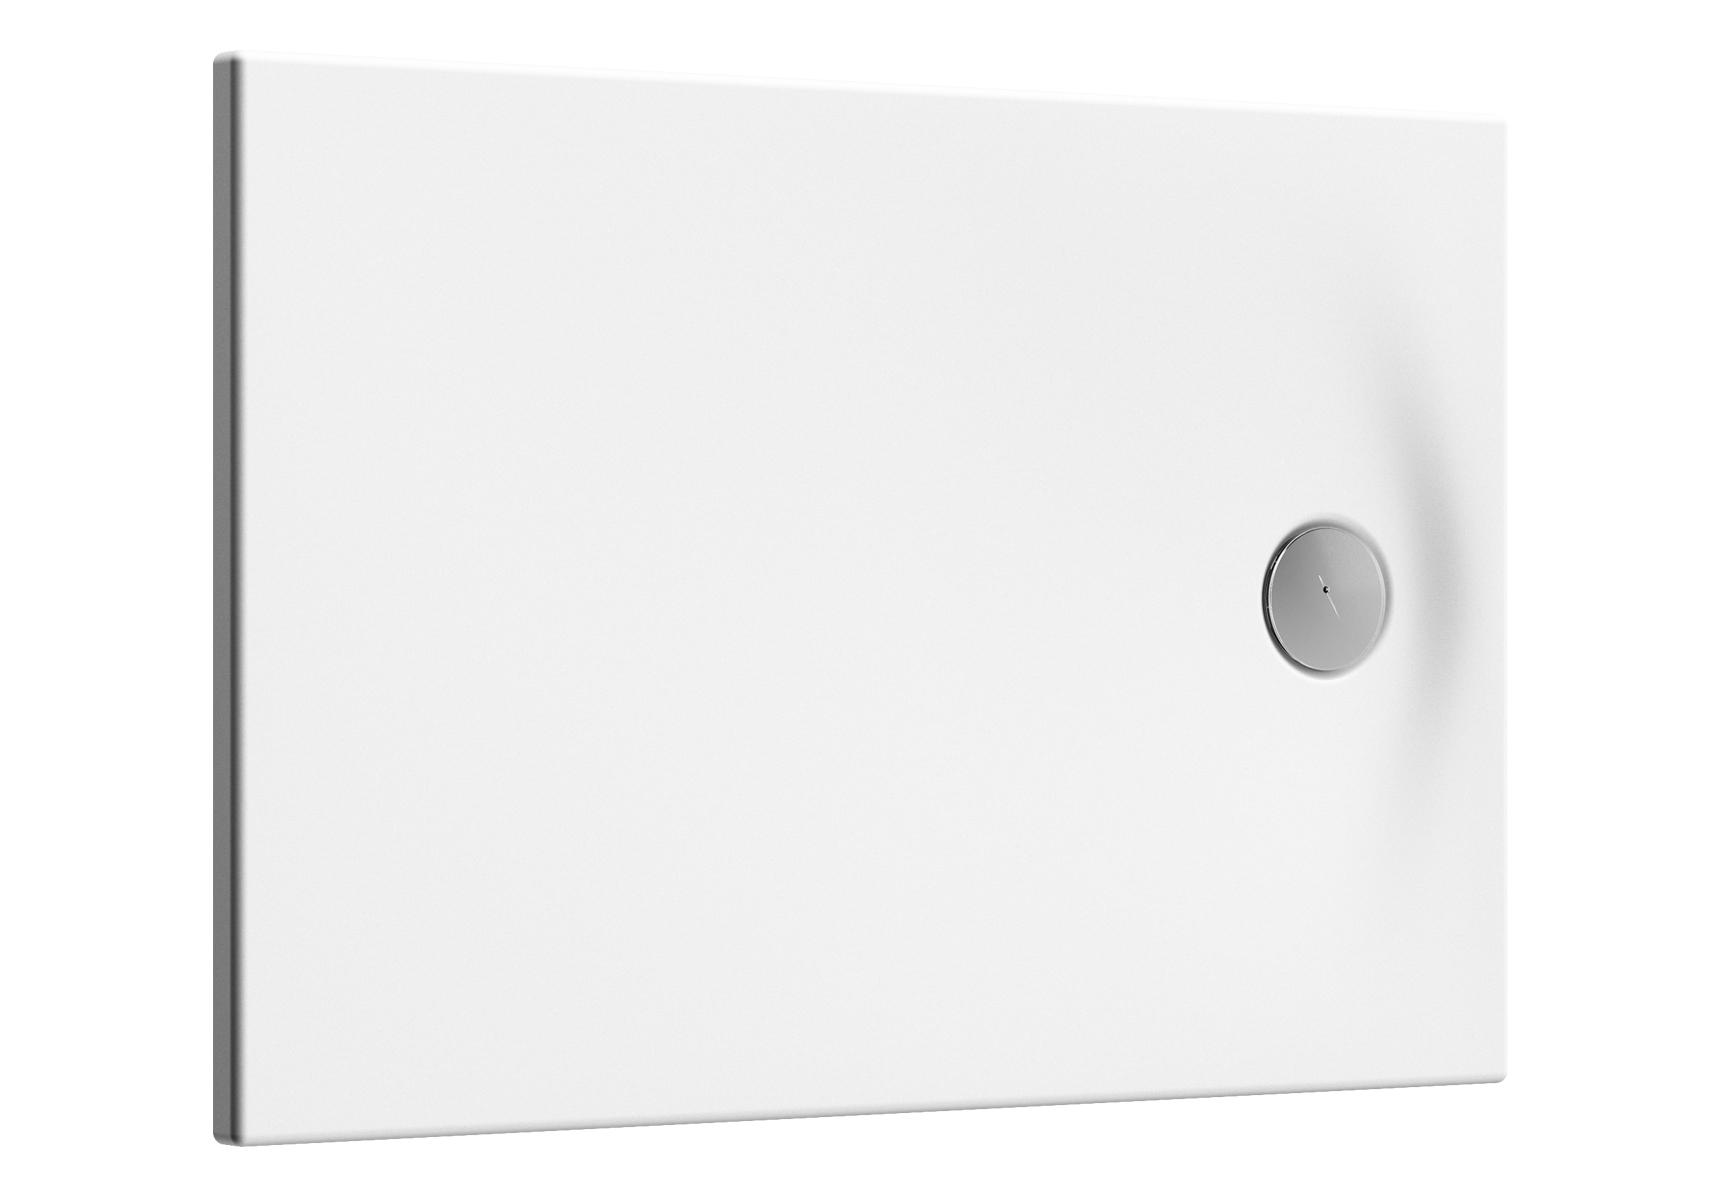 Smooth receveur ultra plat en acrylique, 3,2 mm, à encastrer ou à poser, rectangulaire, 180  x  70 cm